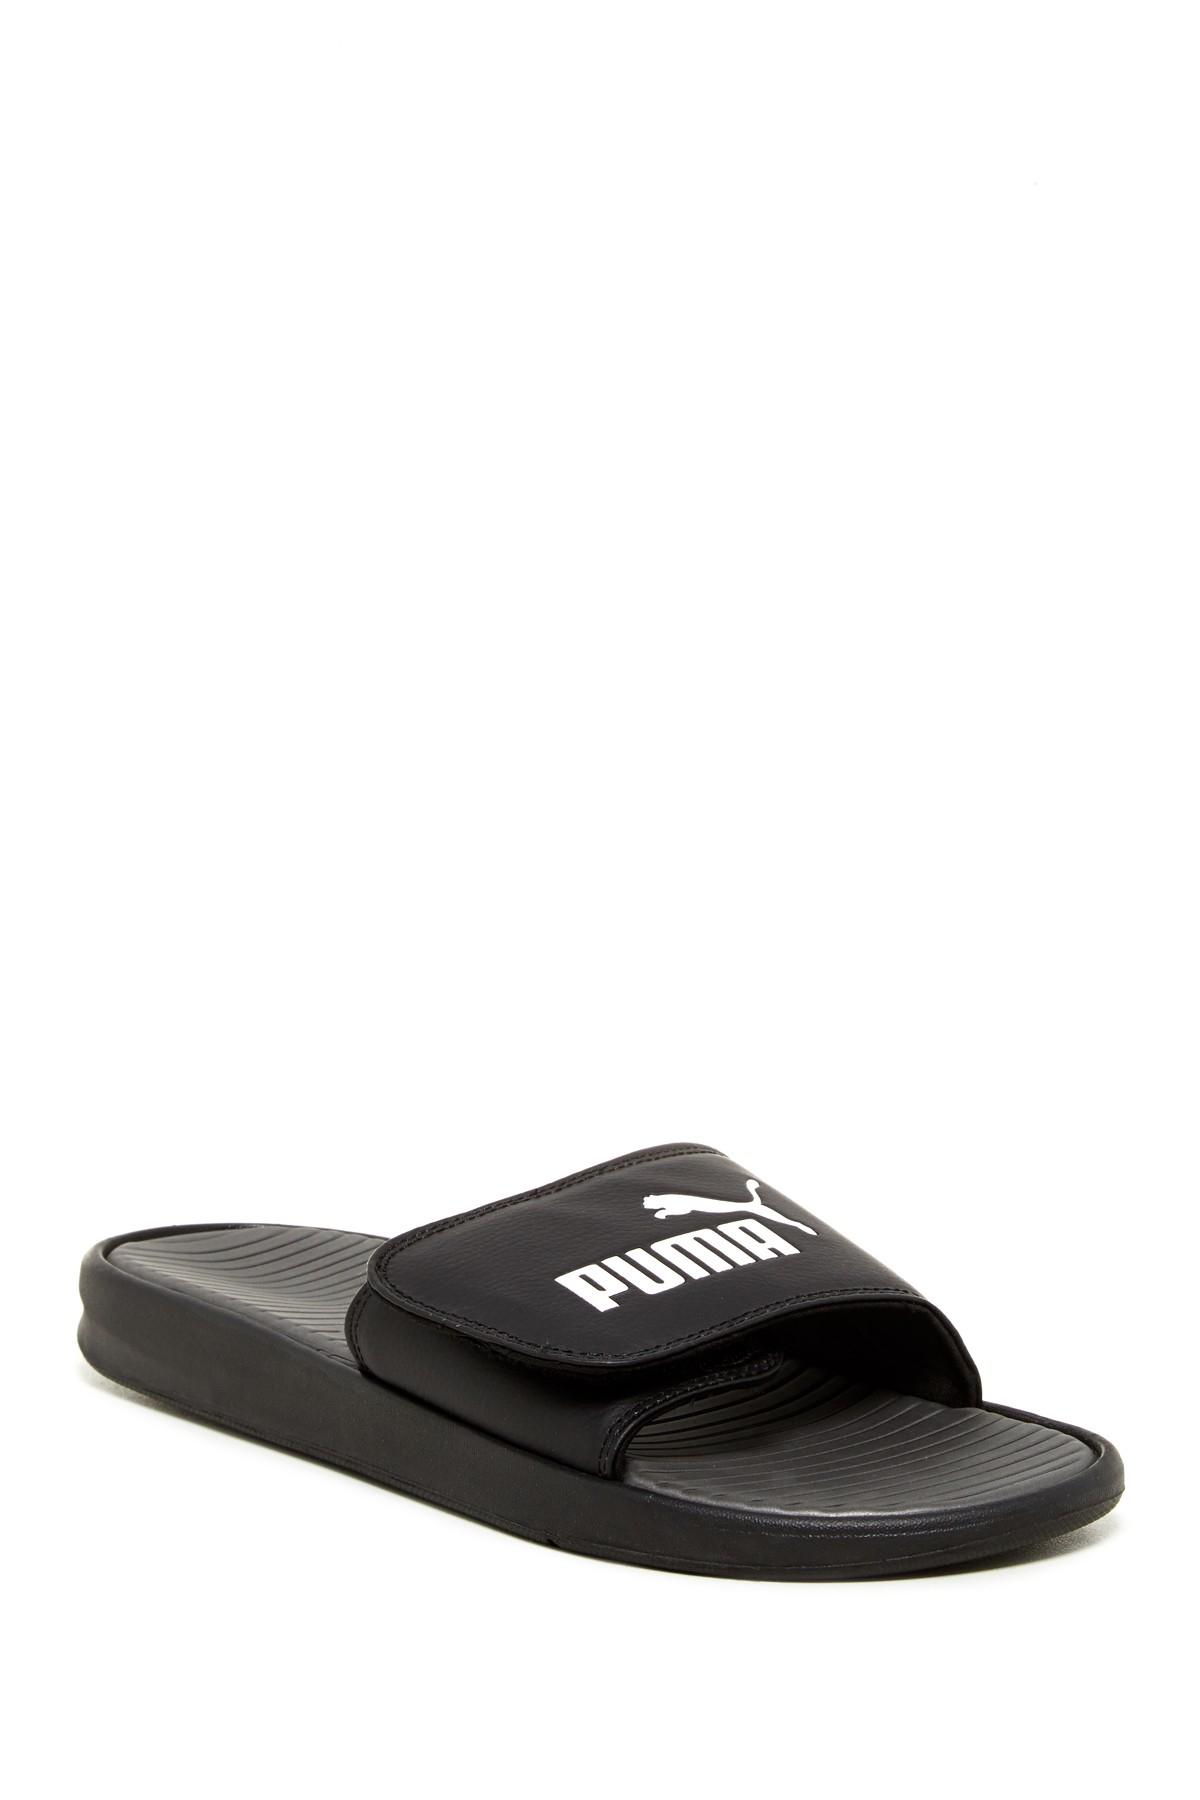 Puma Slide Sandal In Black For Men Lyst